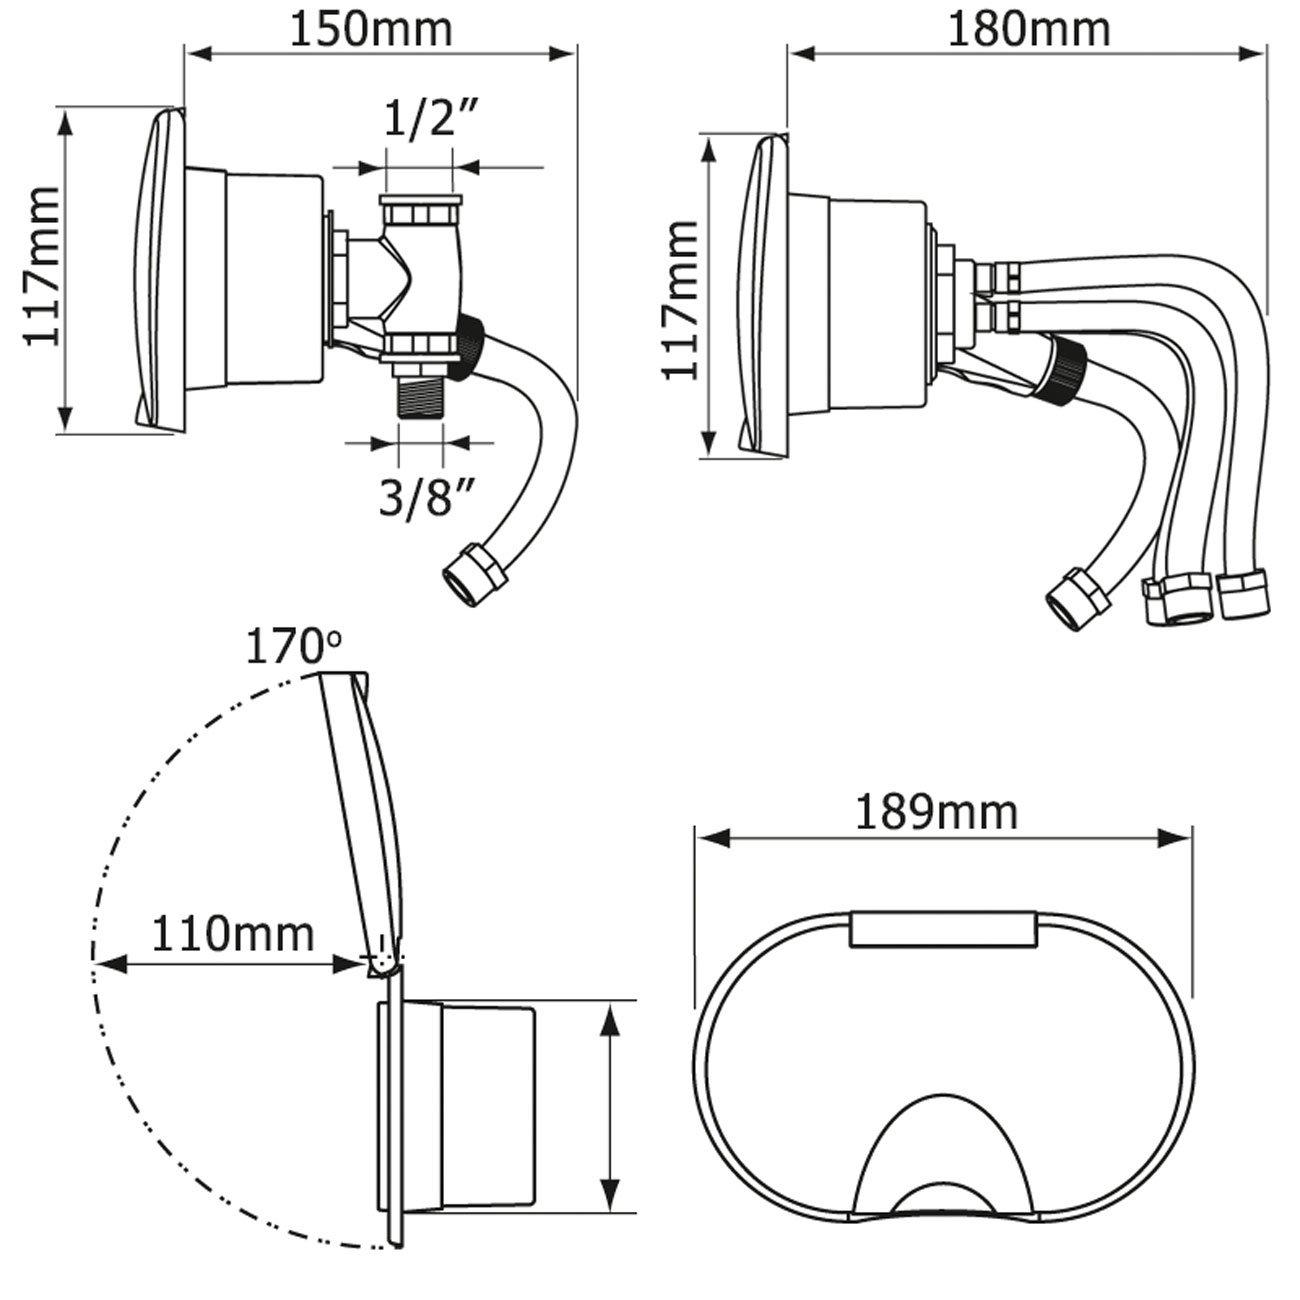 Nuova Rade Caja Doble Grifo Ducha-Mezclador Blanco Agua fria-caliente//Blanco